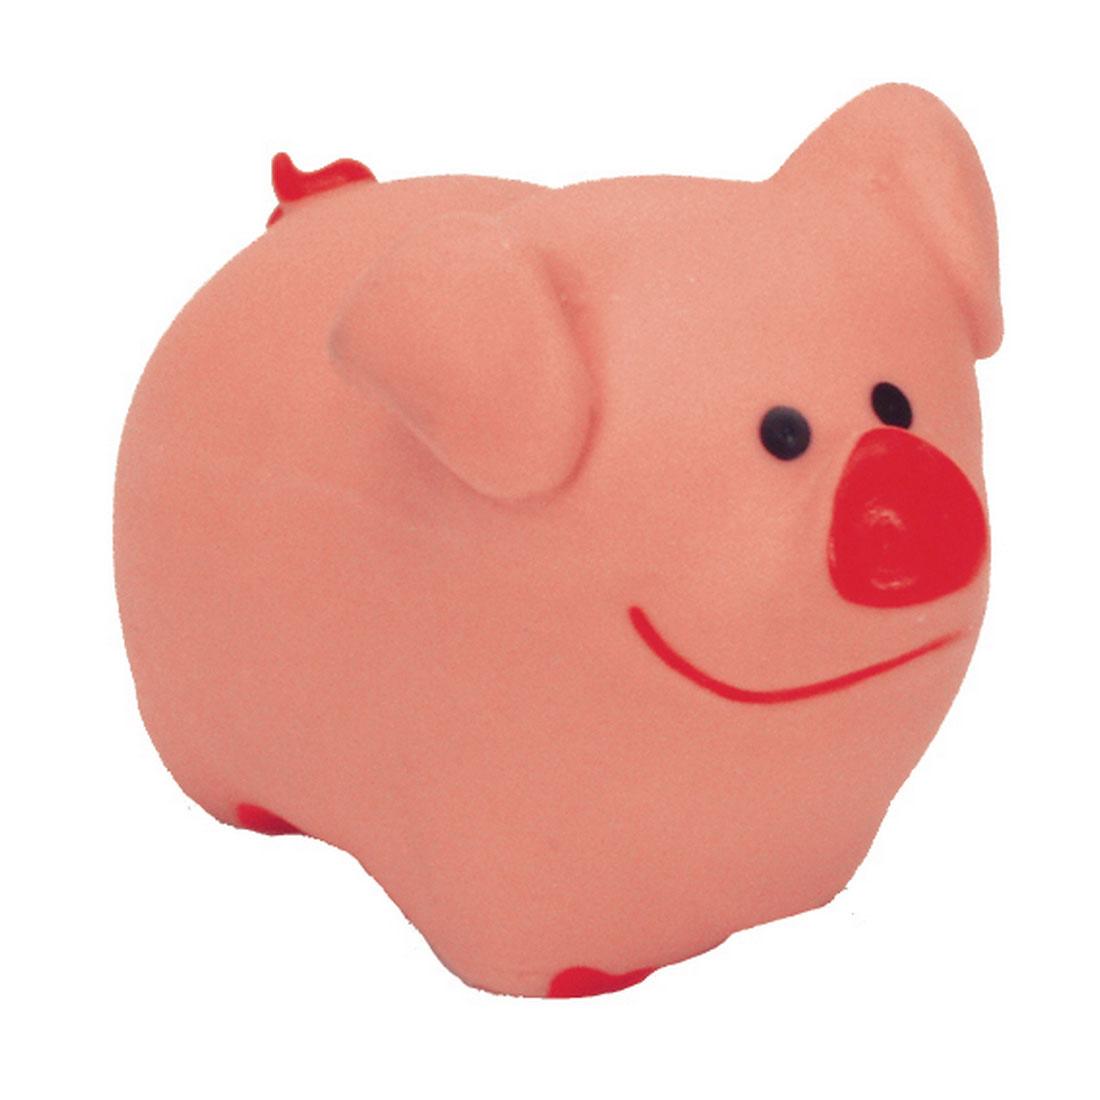 Li'l Pals Latex Pig Dog Toy, 3-in